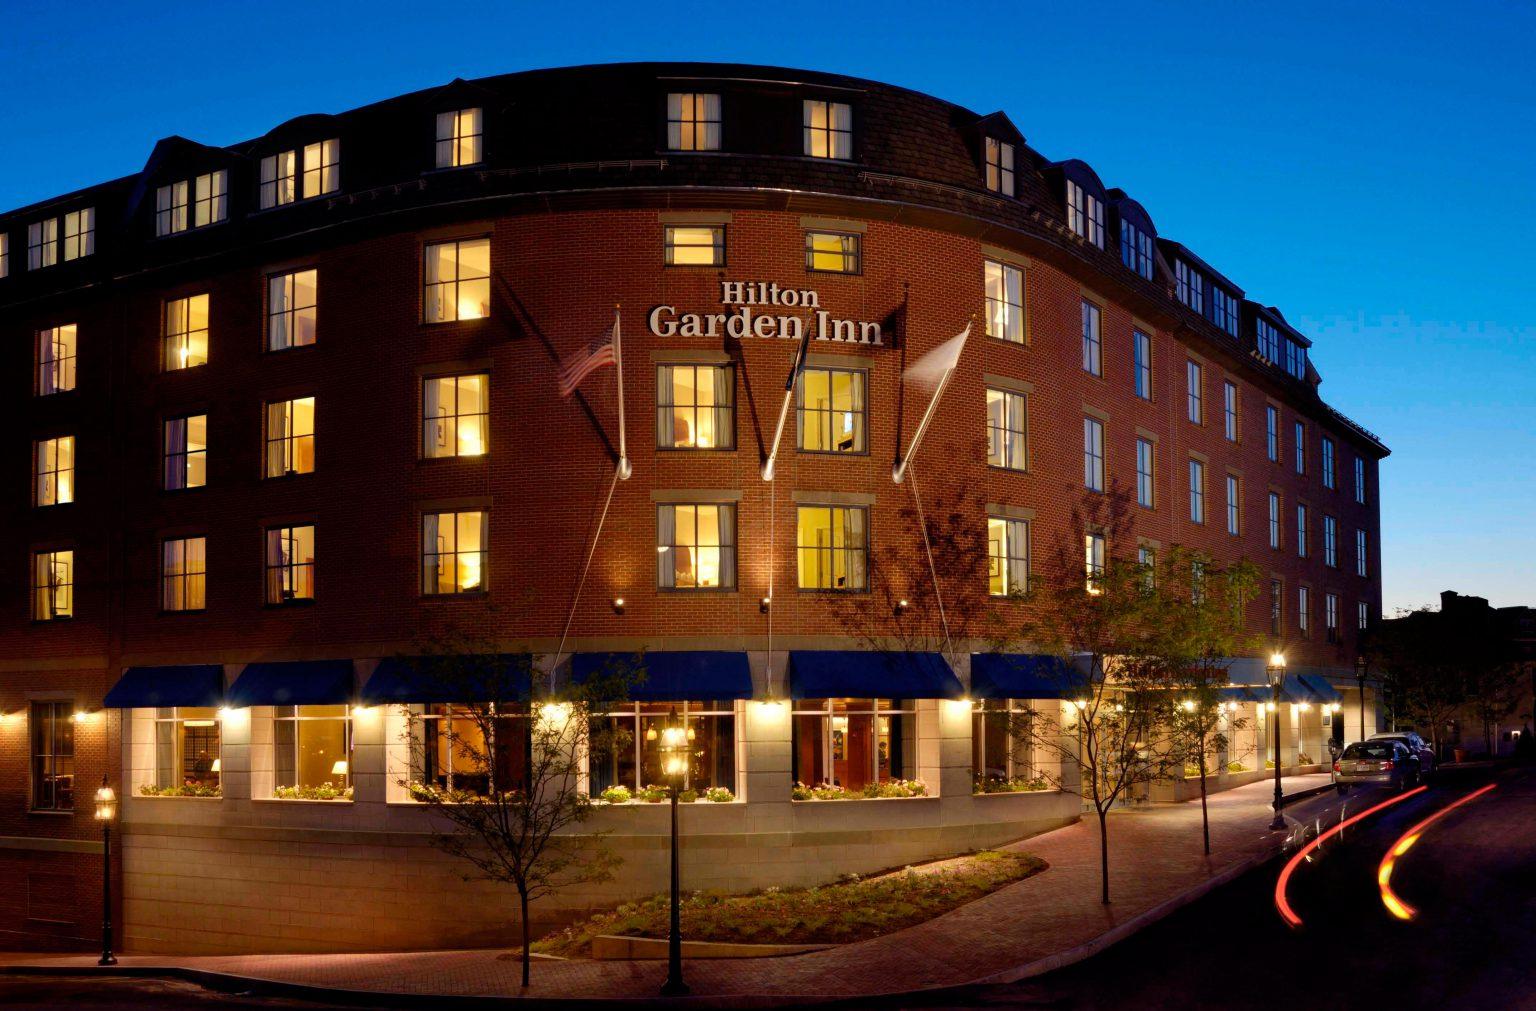 Hilton-Garden-Inn-Portsmouth